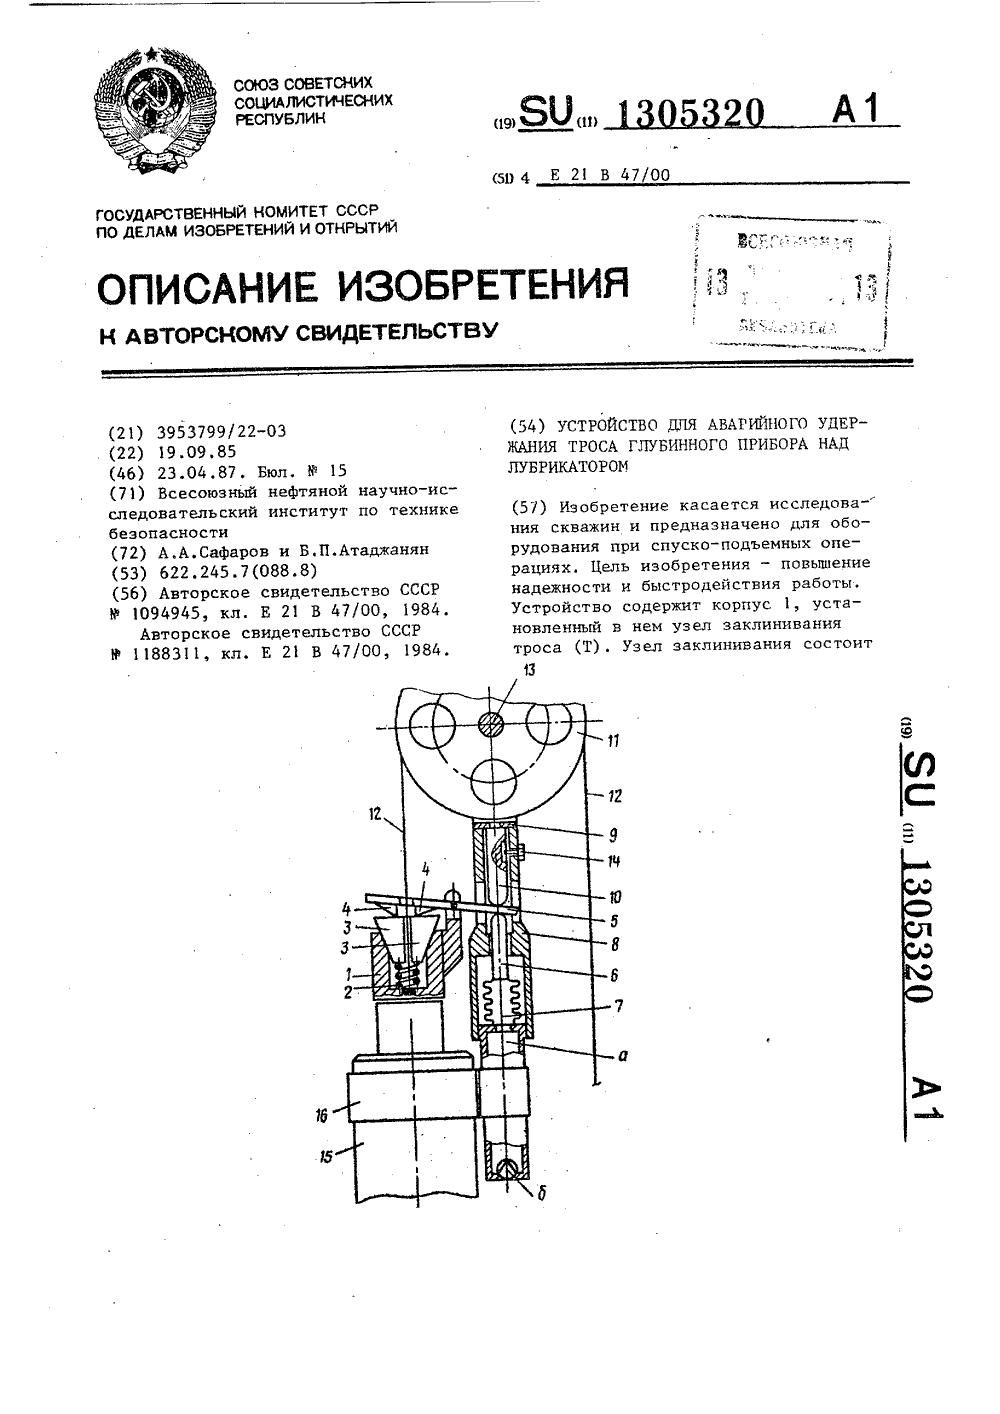 схема подключения лубрикатор к инструменту